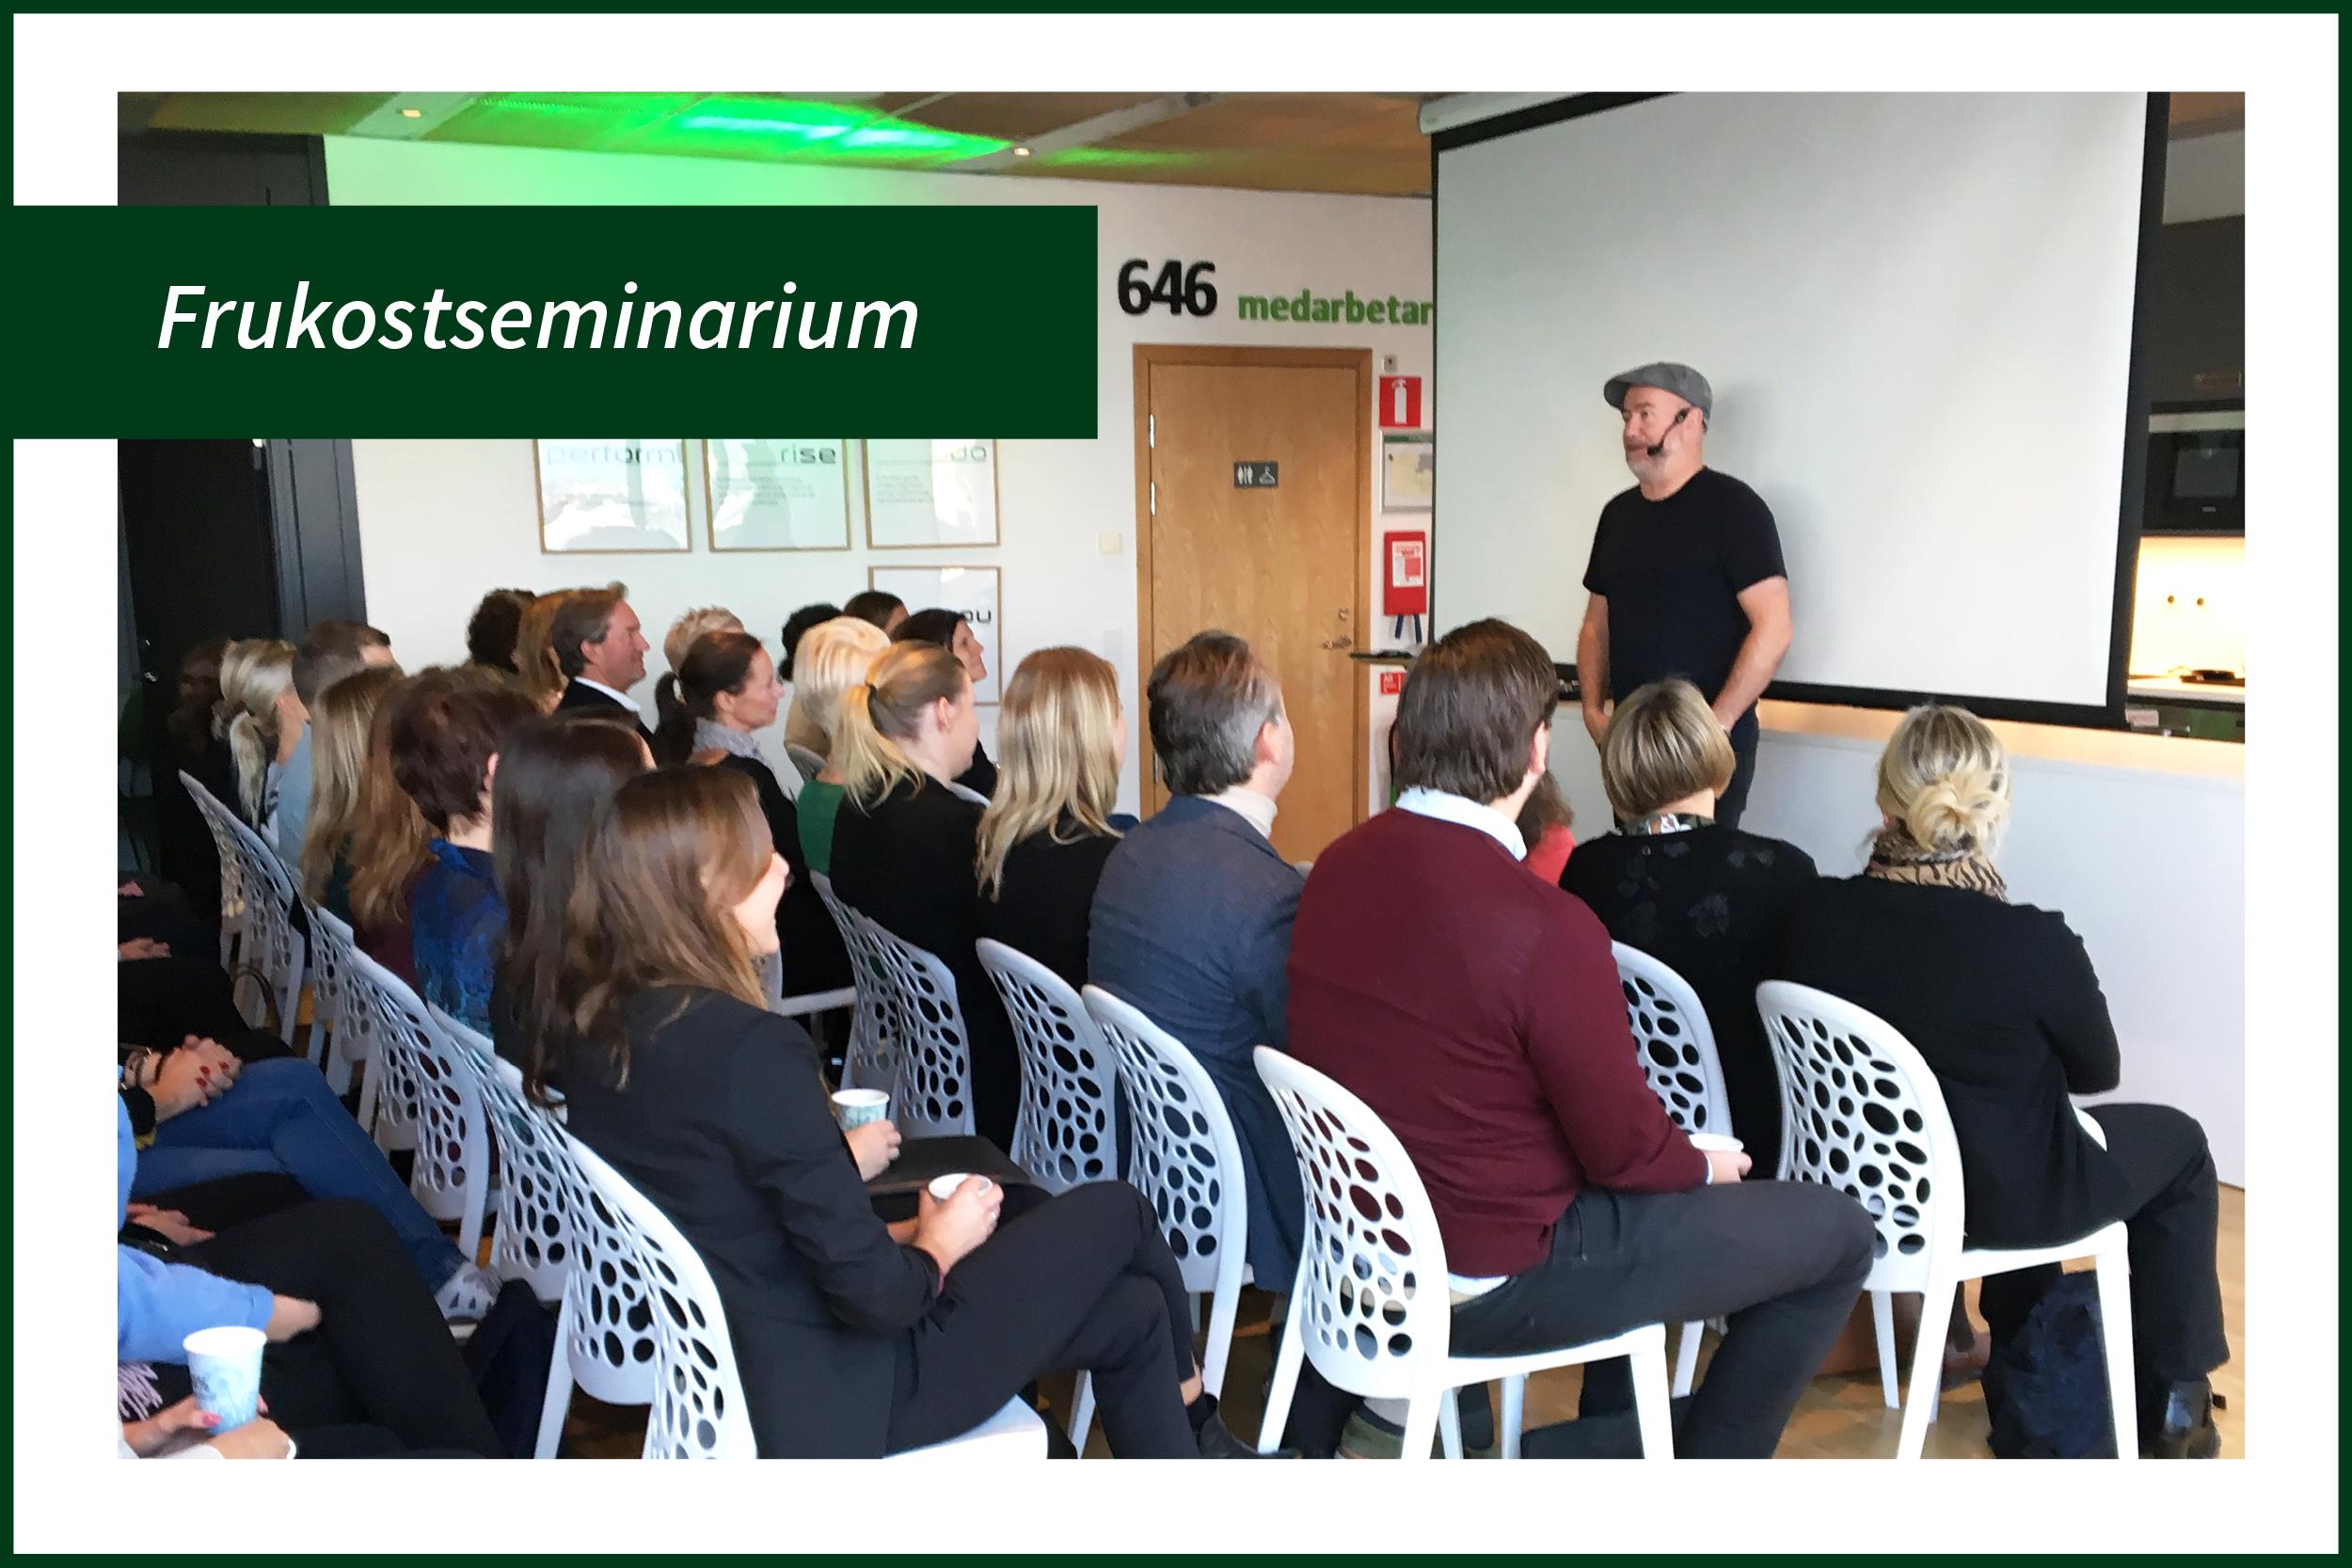 Frukostseminarium med Pär Johansson – En emotionell berg- och dalbana